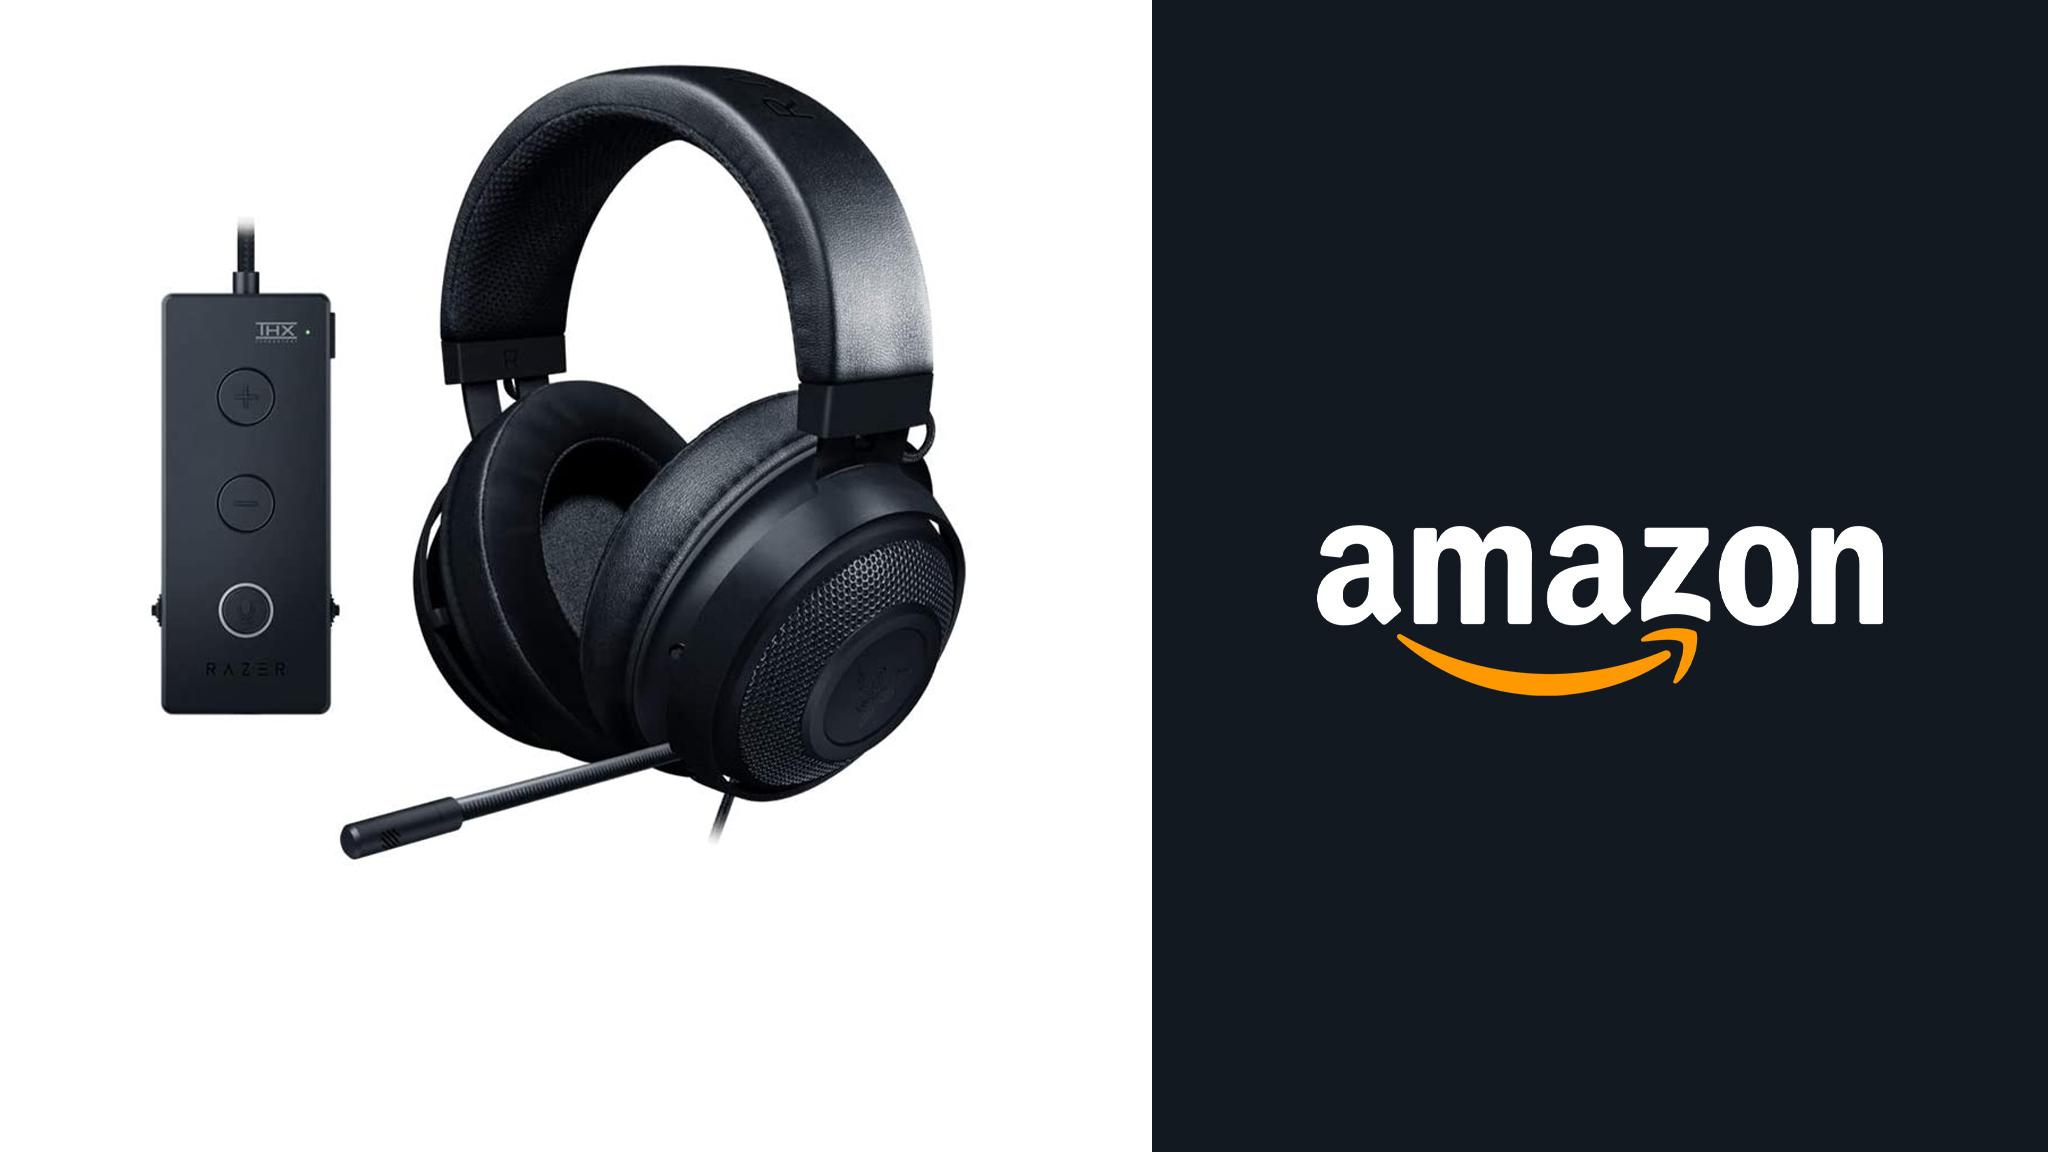 Razer-Headset im Amazon-Angebot: Kraken Tournament Edition zum Sparpreis!